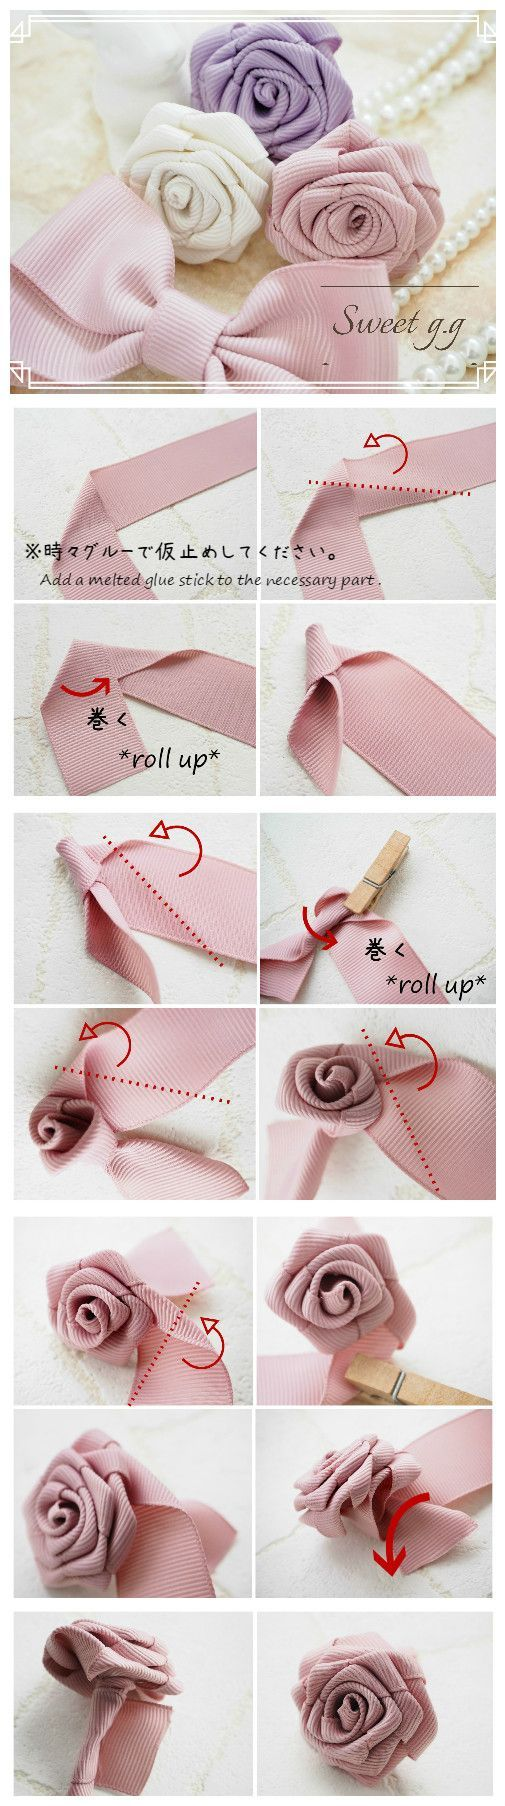 簡単かわいい巻きバラの作り方 〜グログランリボンで巻きバラ〜 ※折りながら巻くだけです♥ ほどけないように、時々グルーで固定しながら作ってください。